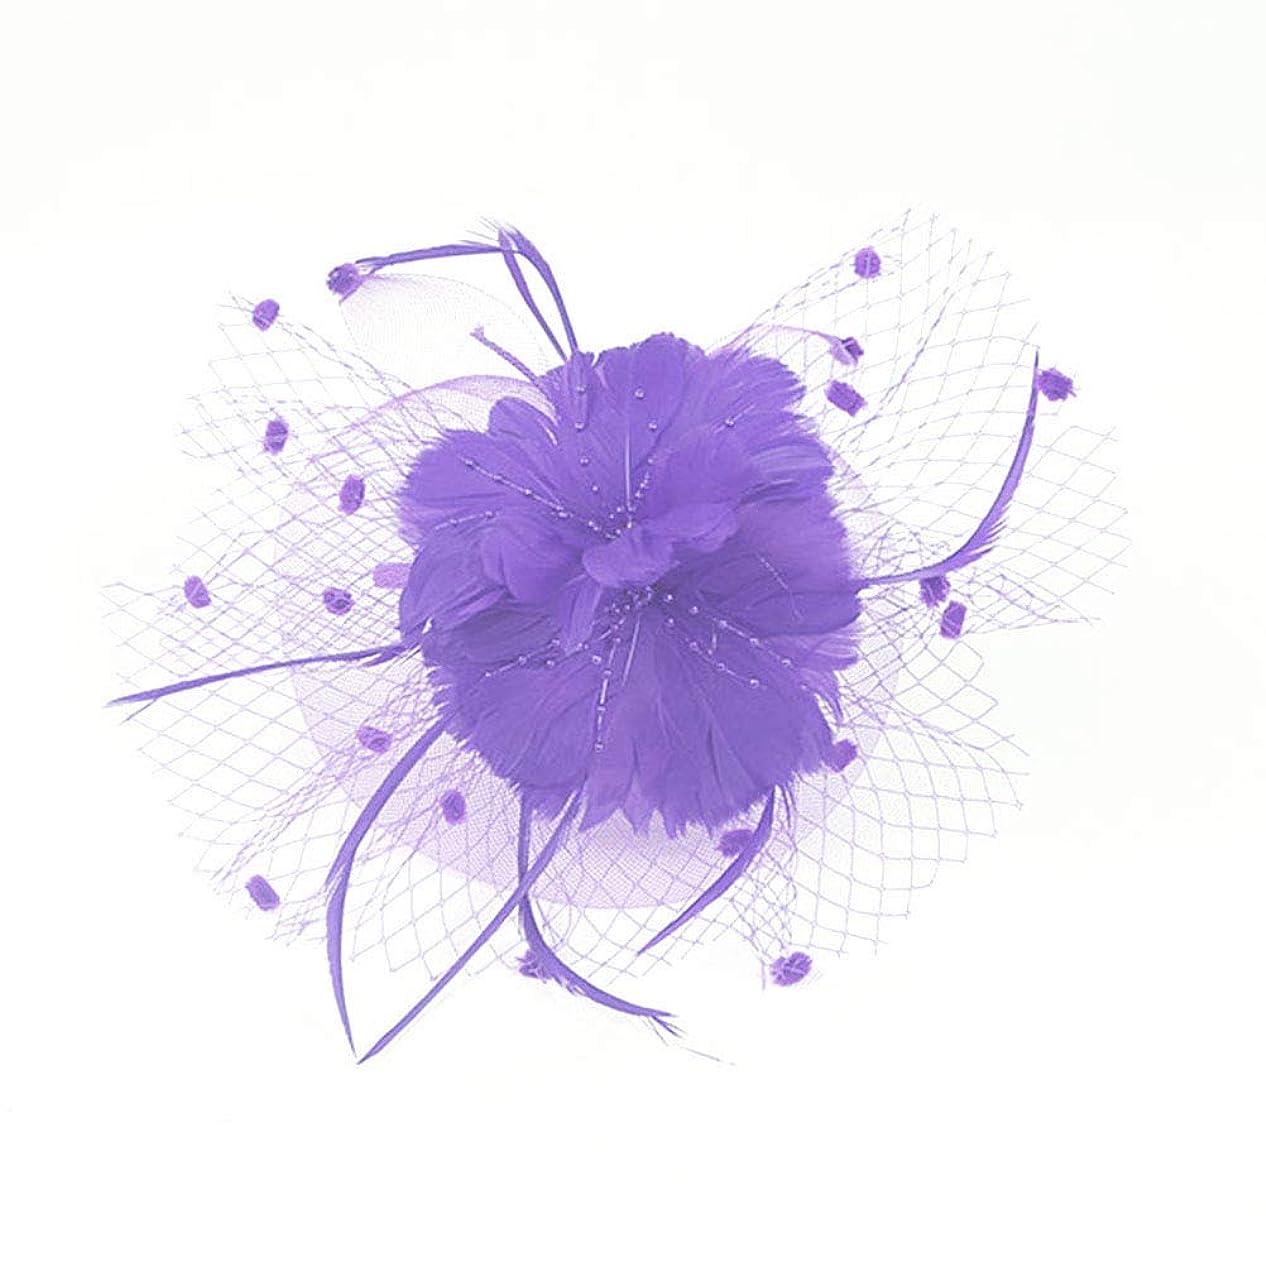 機構推定むさぼり食うBeaupretty魅惑的な帽子羽メッシュネットベールパーティー帽子ピルボックス帽子羽の魅惑的なキャップレディース結婚式宴会カクテルパーティー(紫)